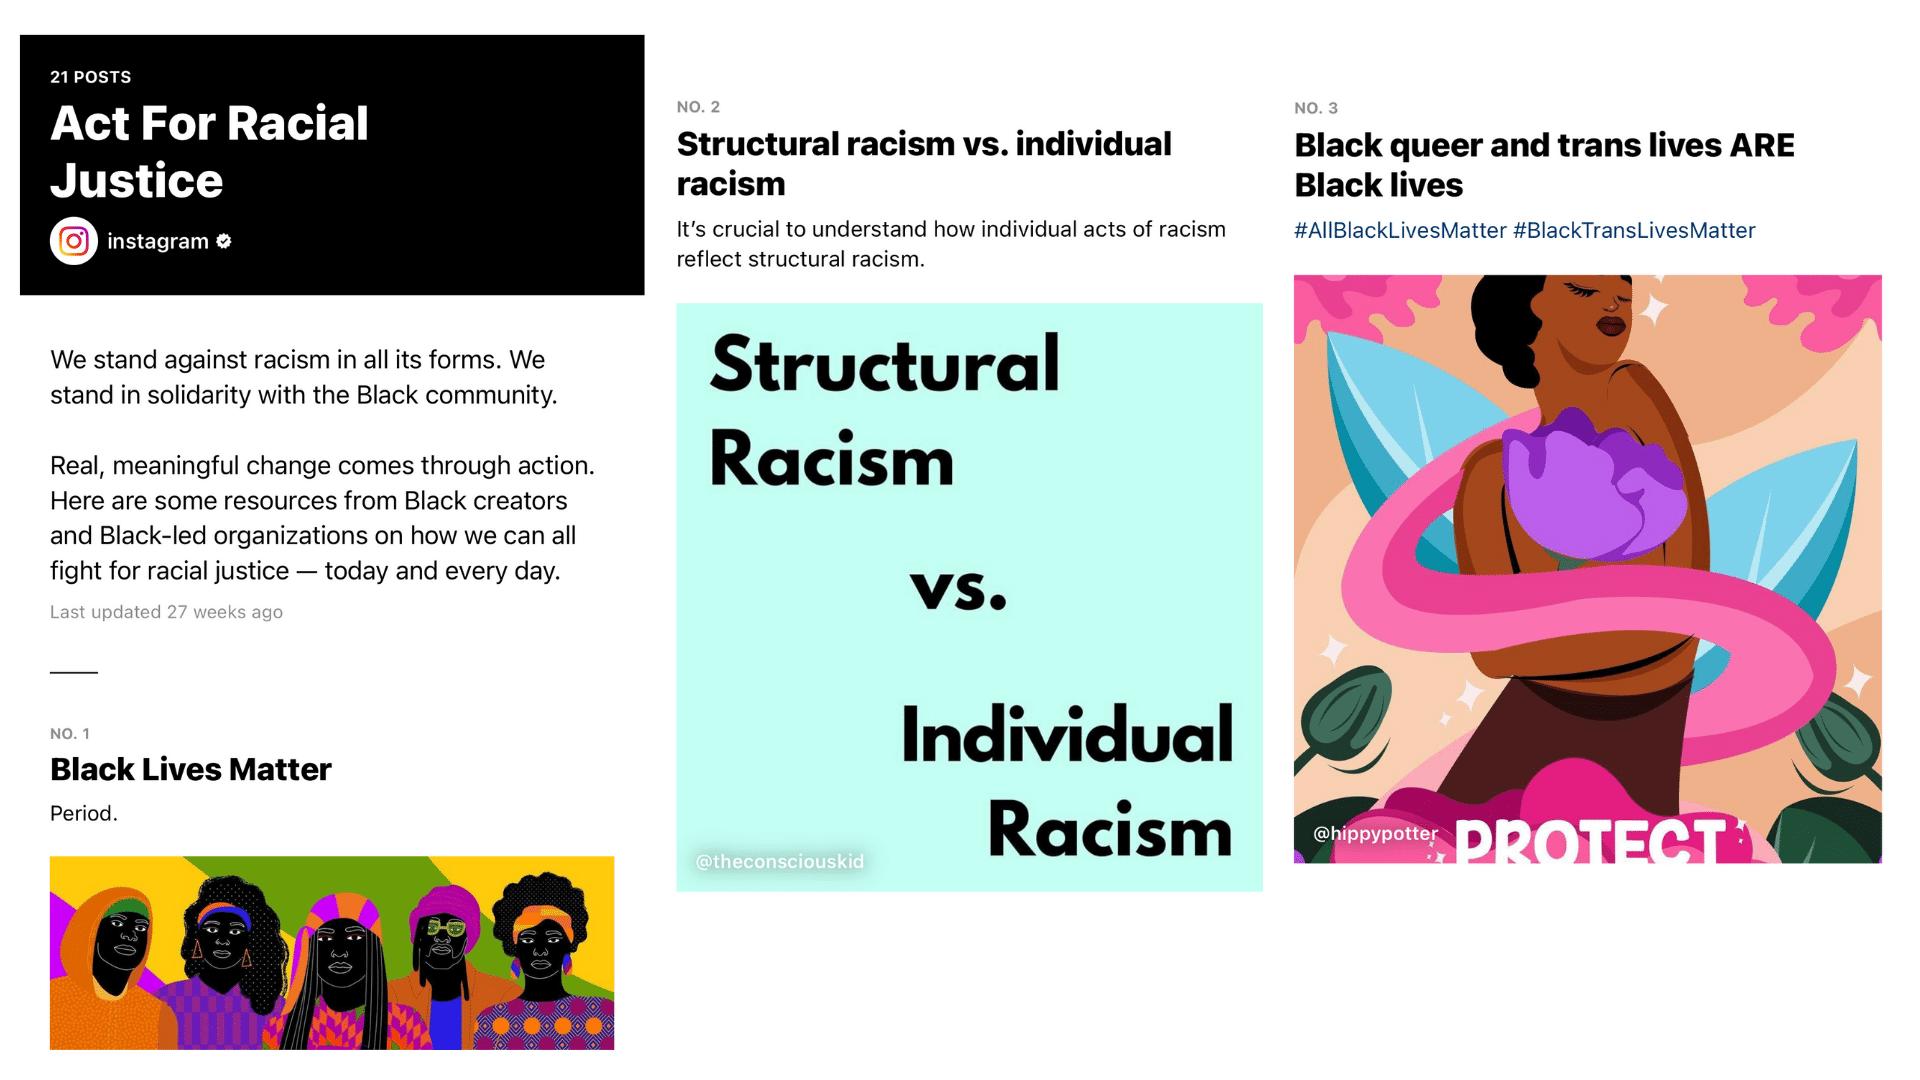 продвигает такие причины, как расовая справедливость